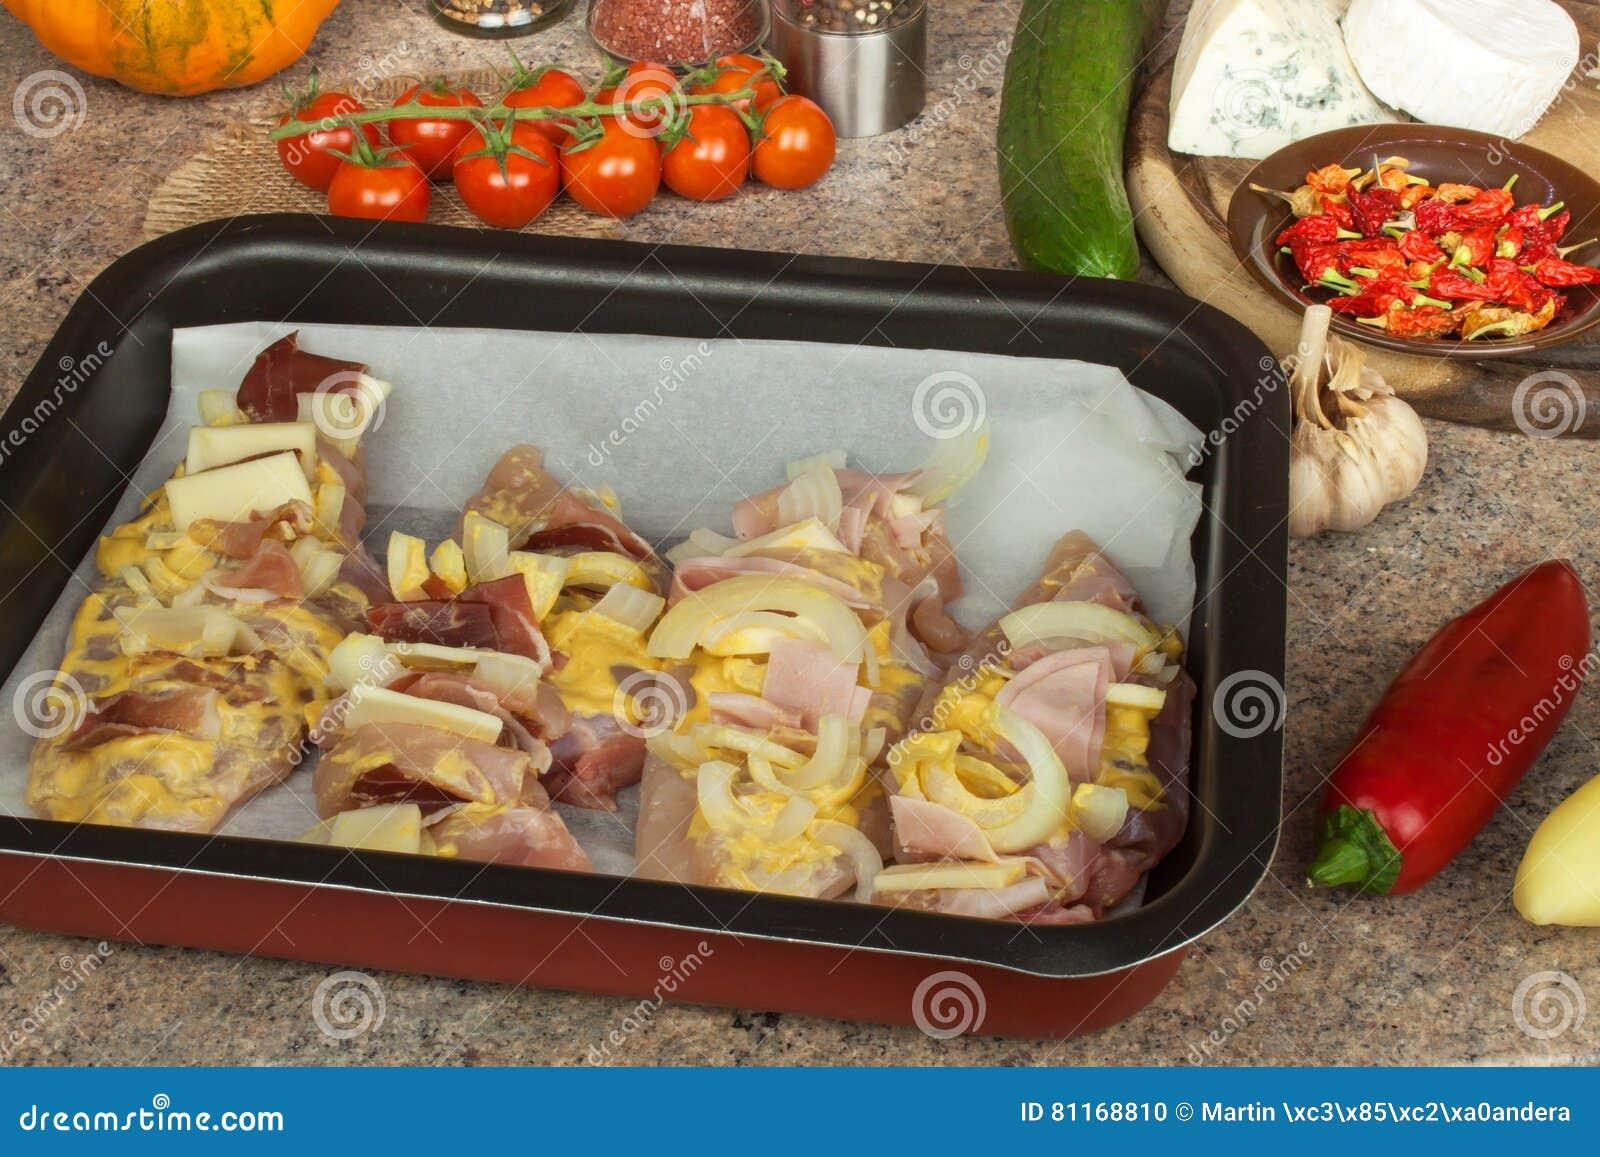 petto di pollo al forno per dieta